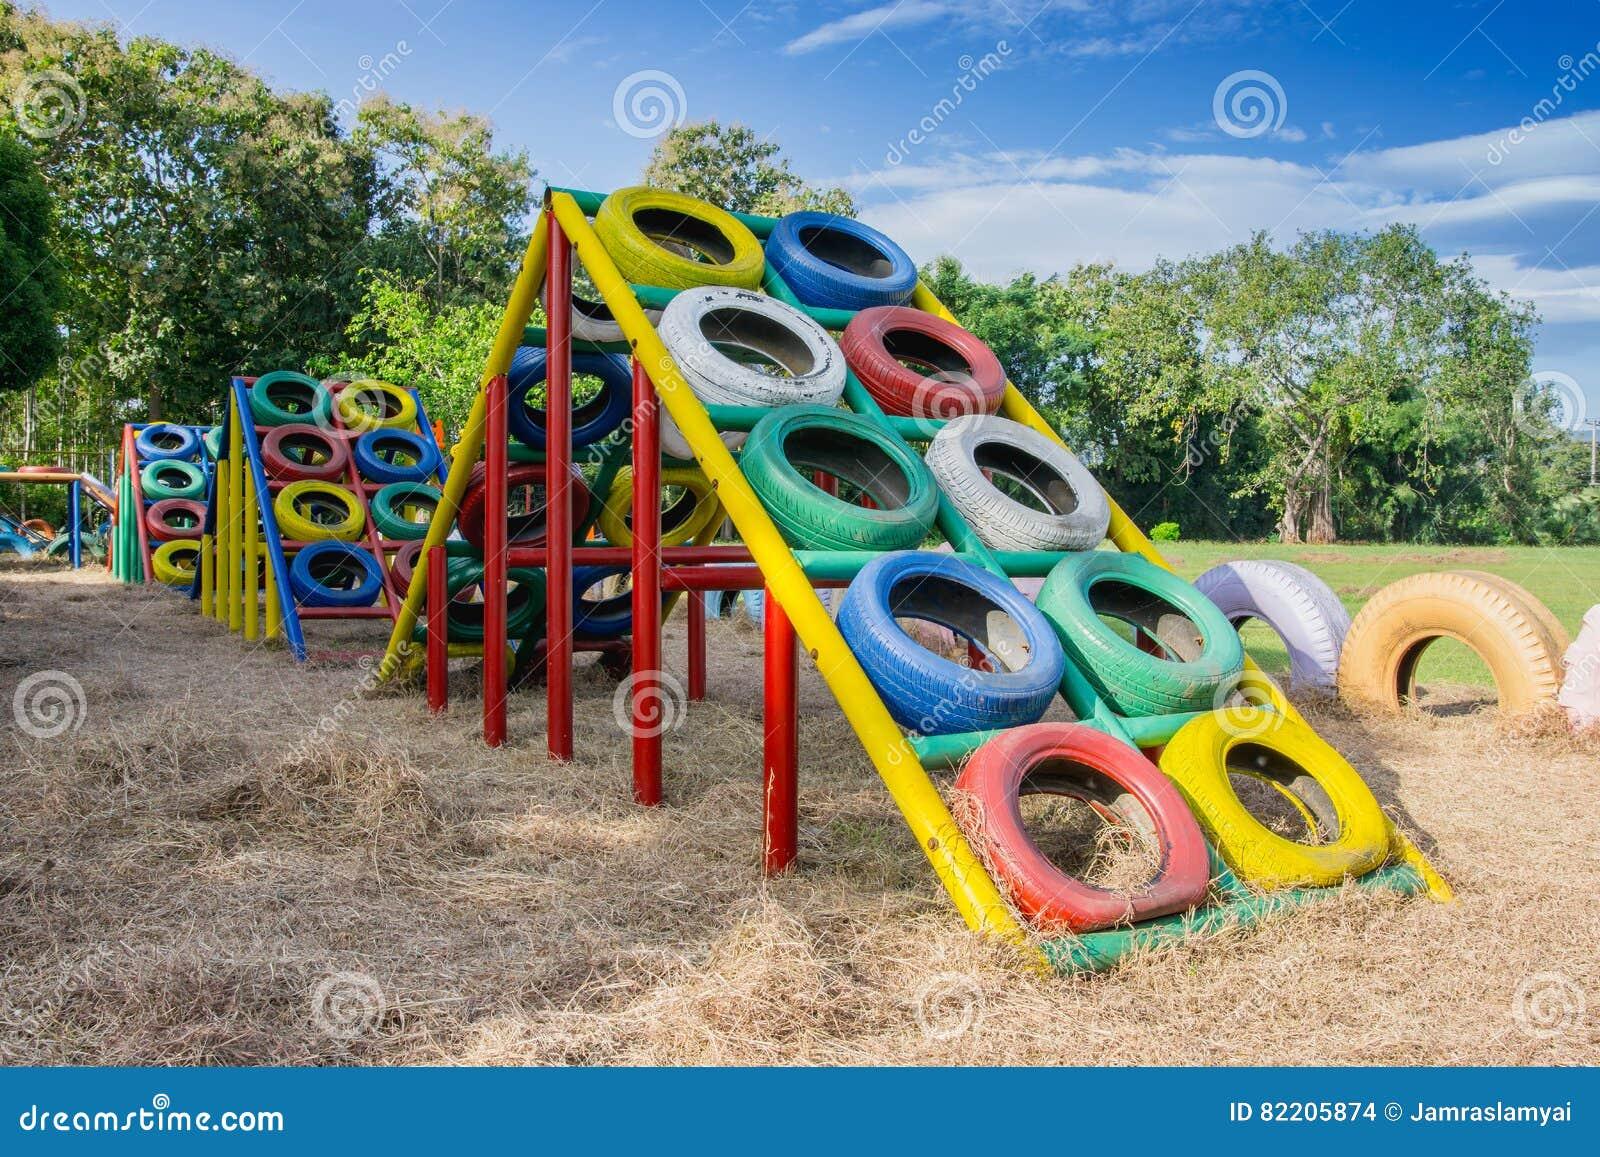 terrain de jeu construit avec de vieux pneus pour des jeux d 39 enfants photo stock image du. Black Bedroom Furniture Sets. Home Design Ideas